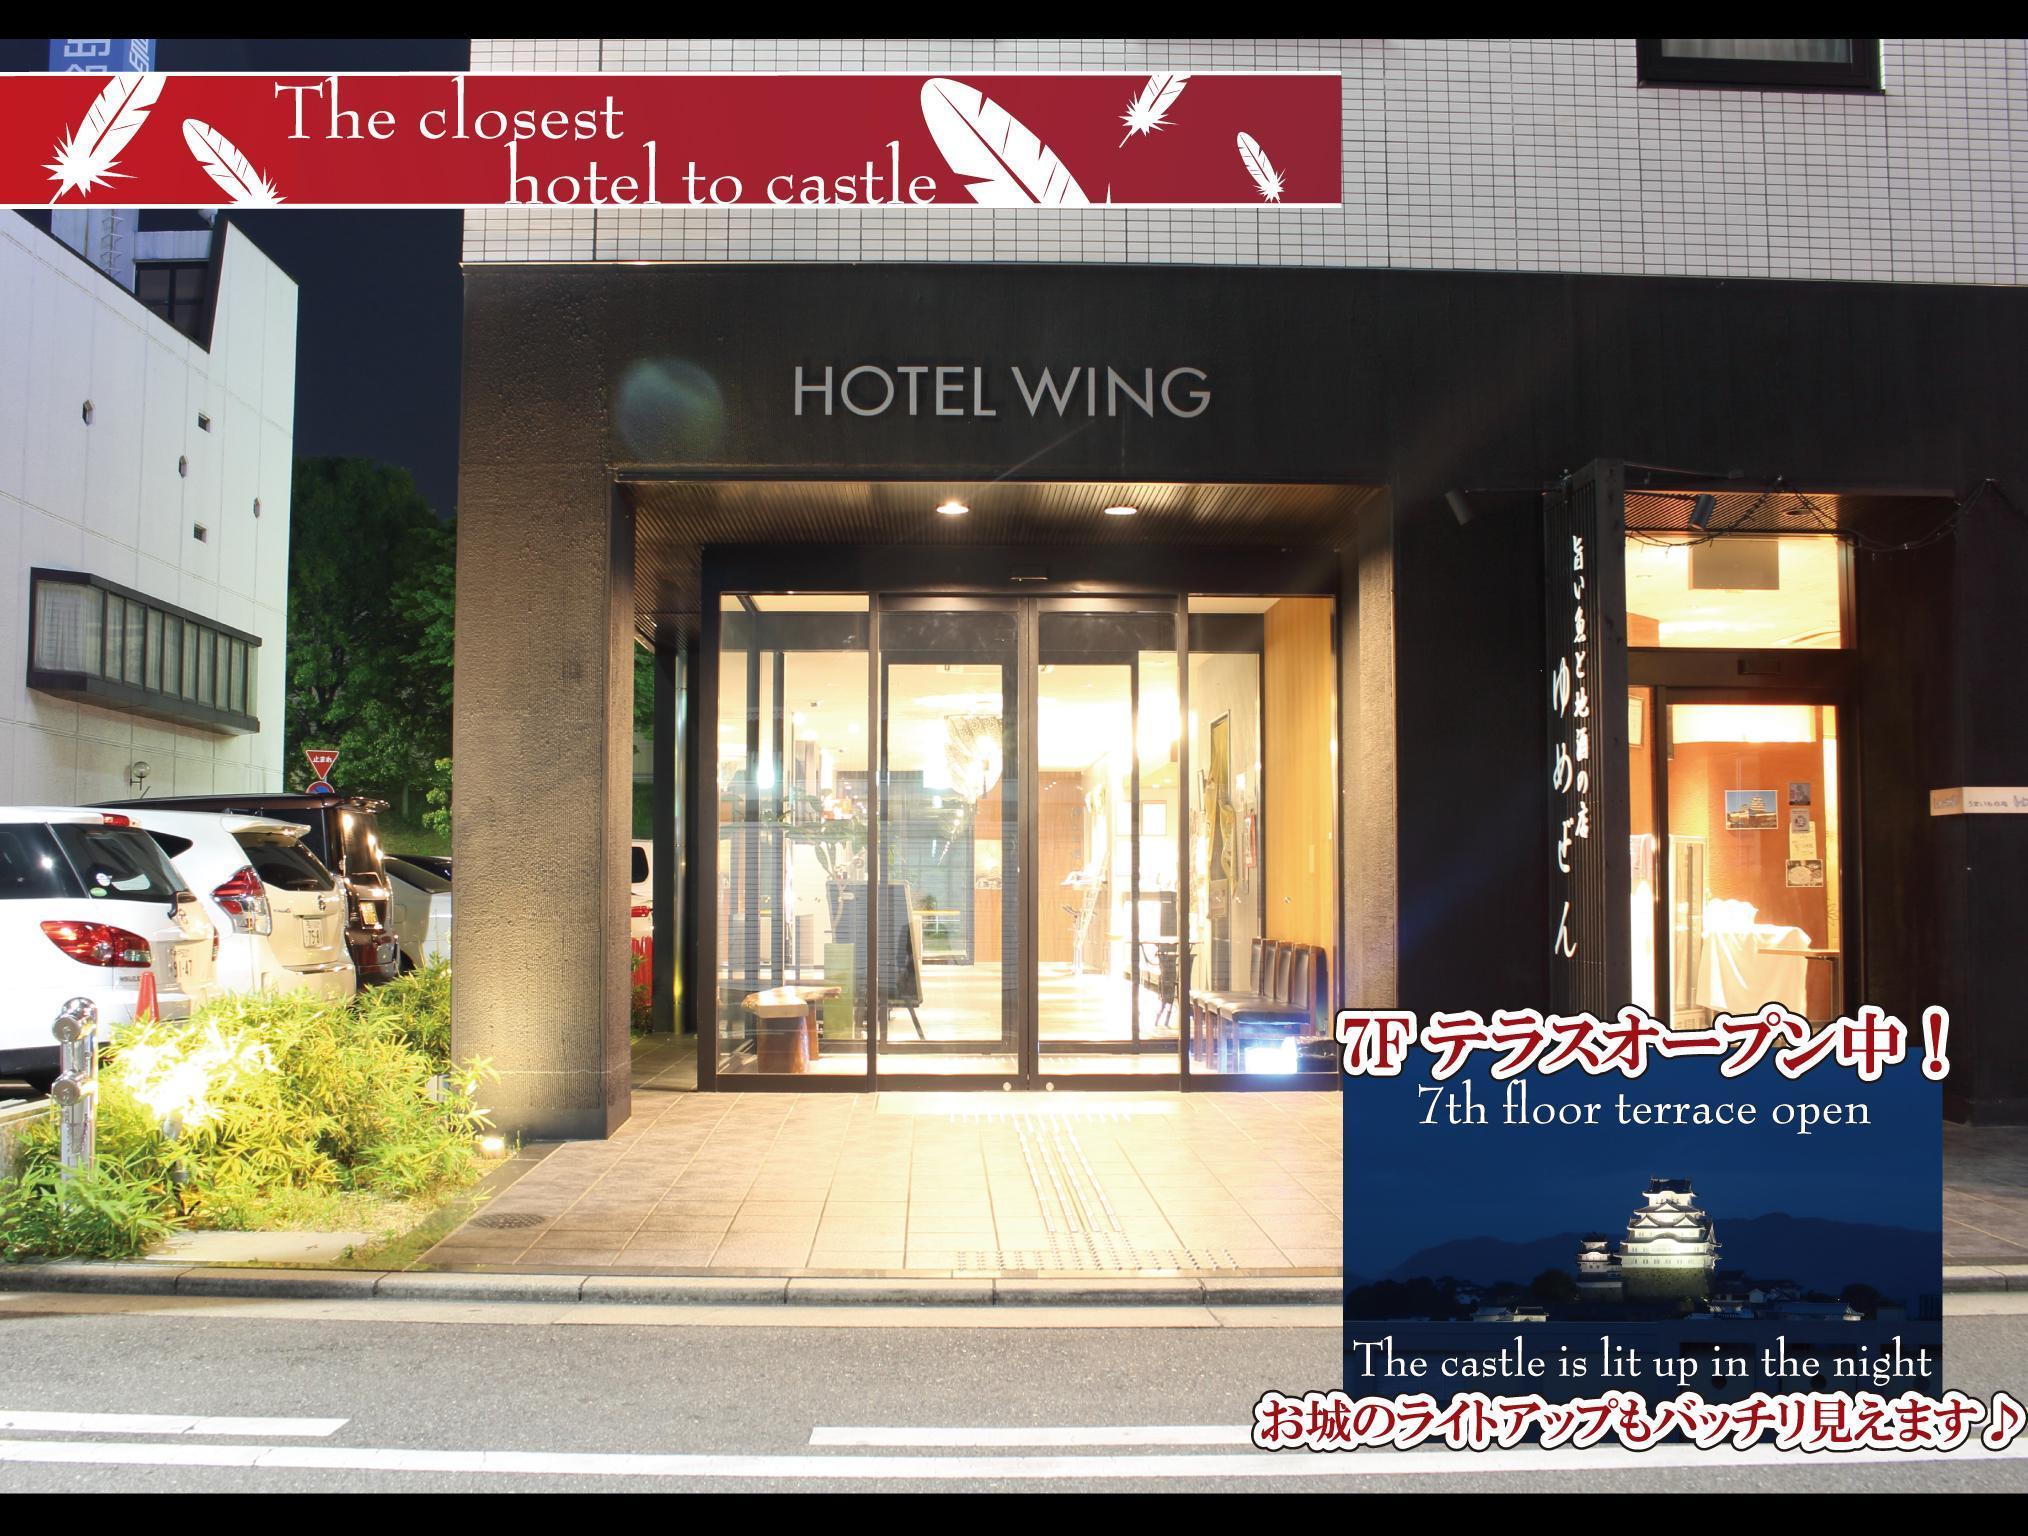 โรงแรมวิง อินเตอร์เนชั่นแนล ฮิเมจิ